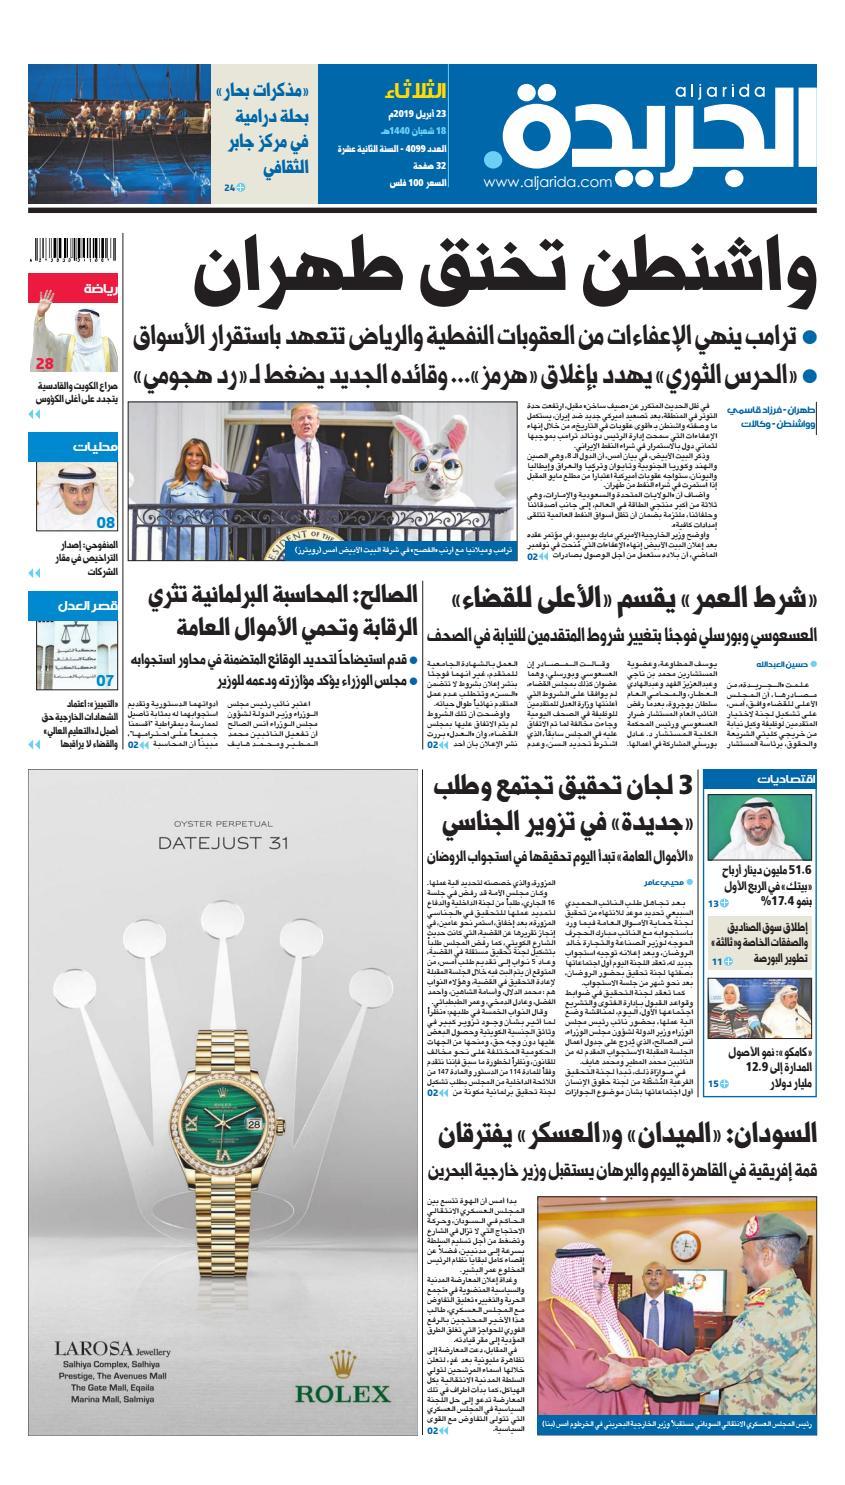 9cca9208a عدد الجريدة الثلاثاء 23 أبريل 2019 by Aljarida Newspaper - issuu